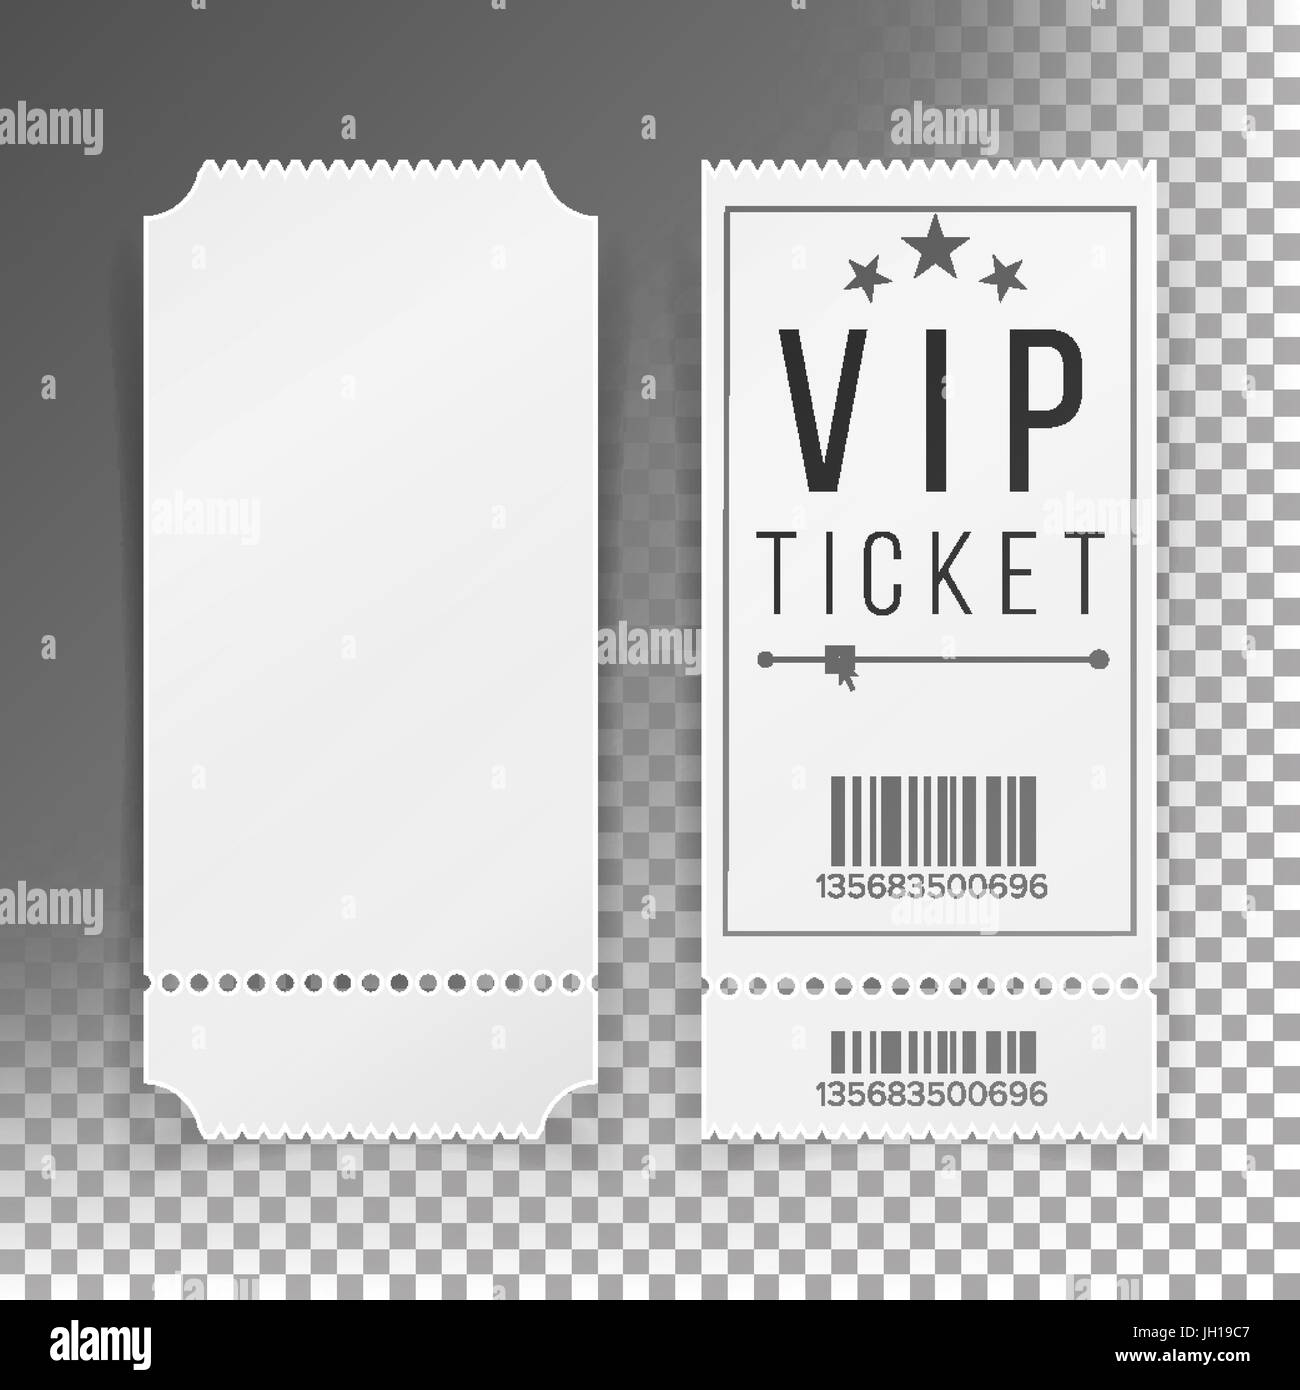 Theater Ticket Stockfotos & Theater Ticket Bilder - Alamy